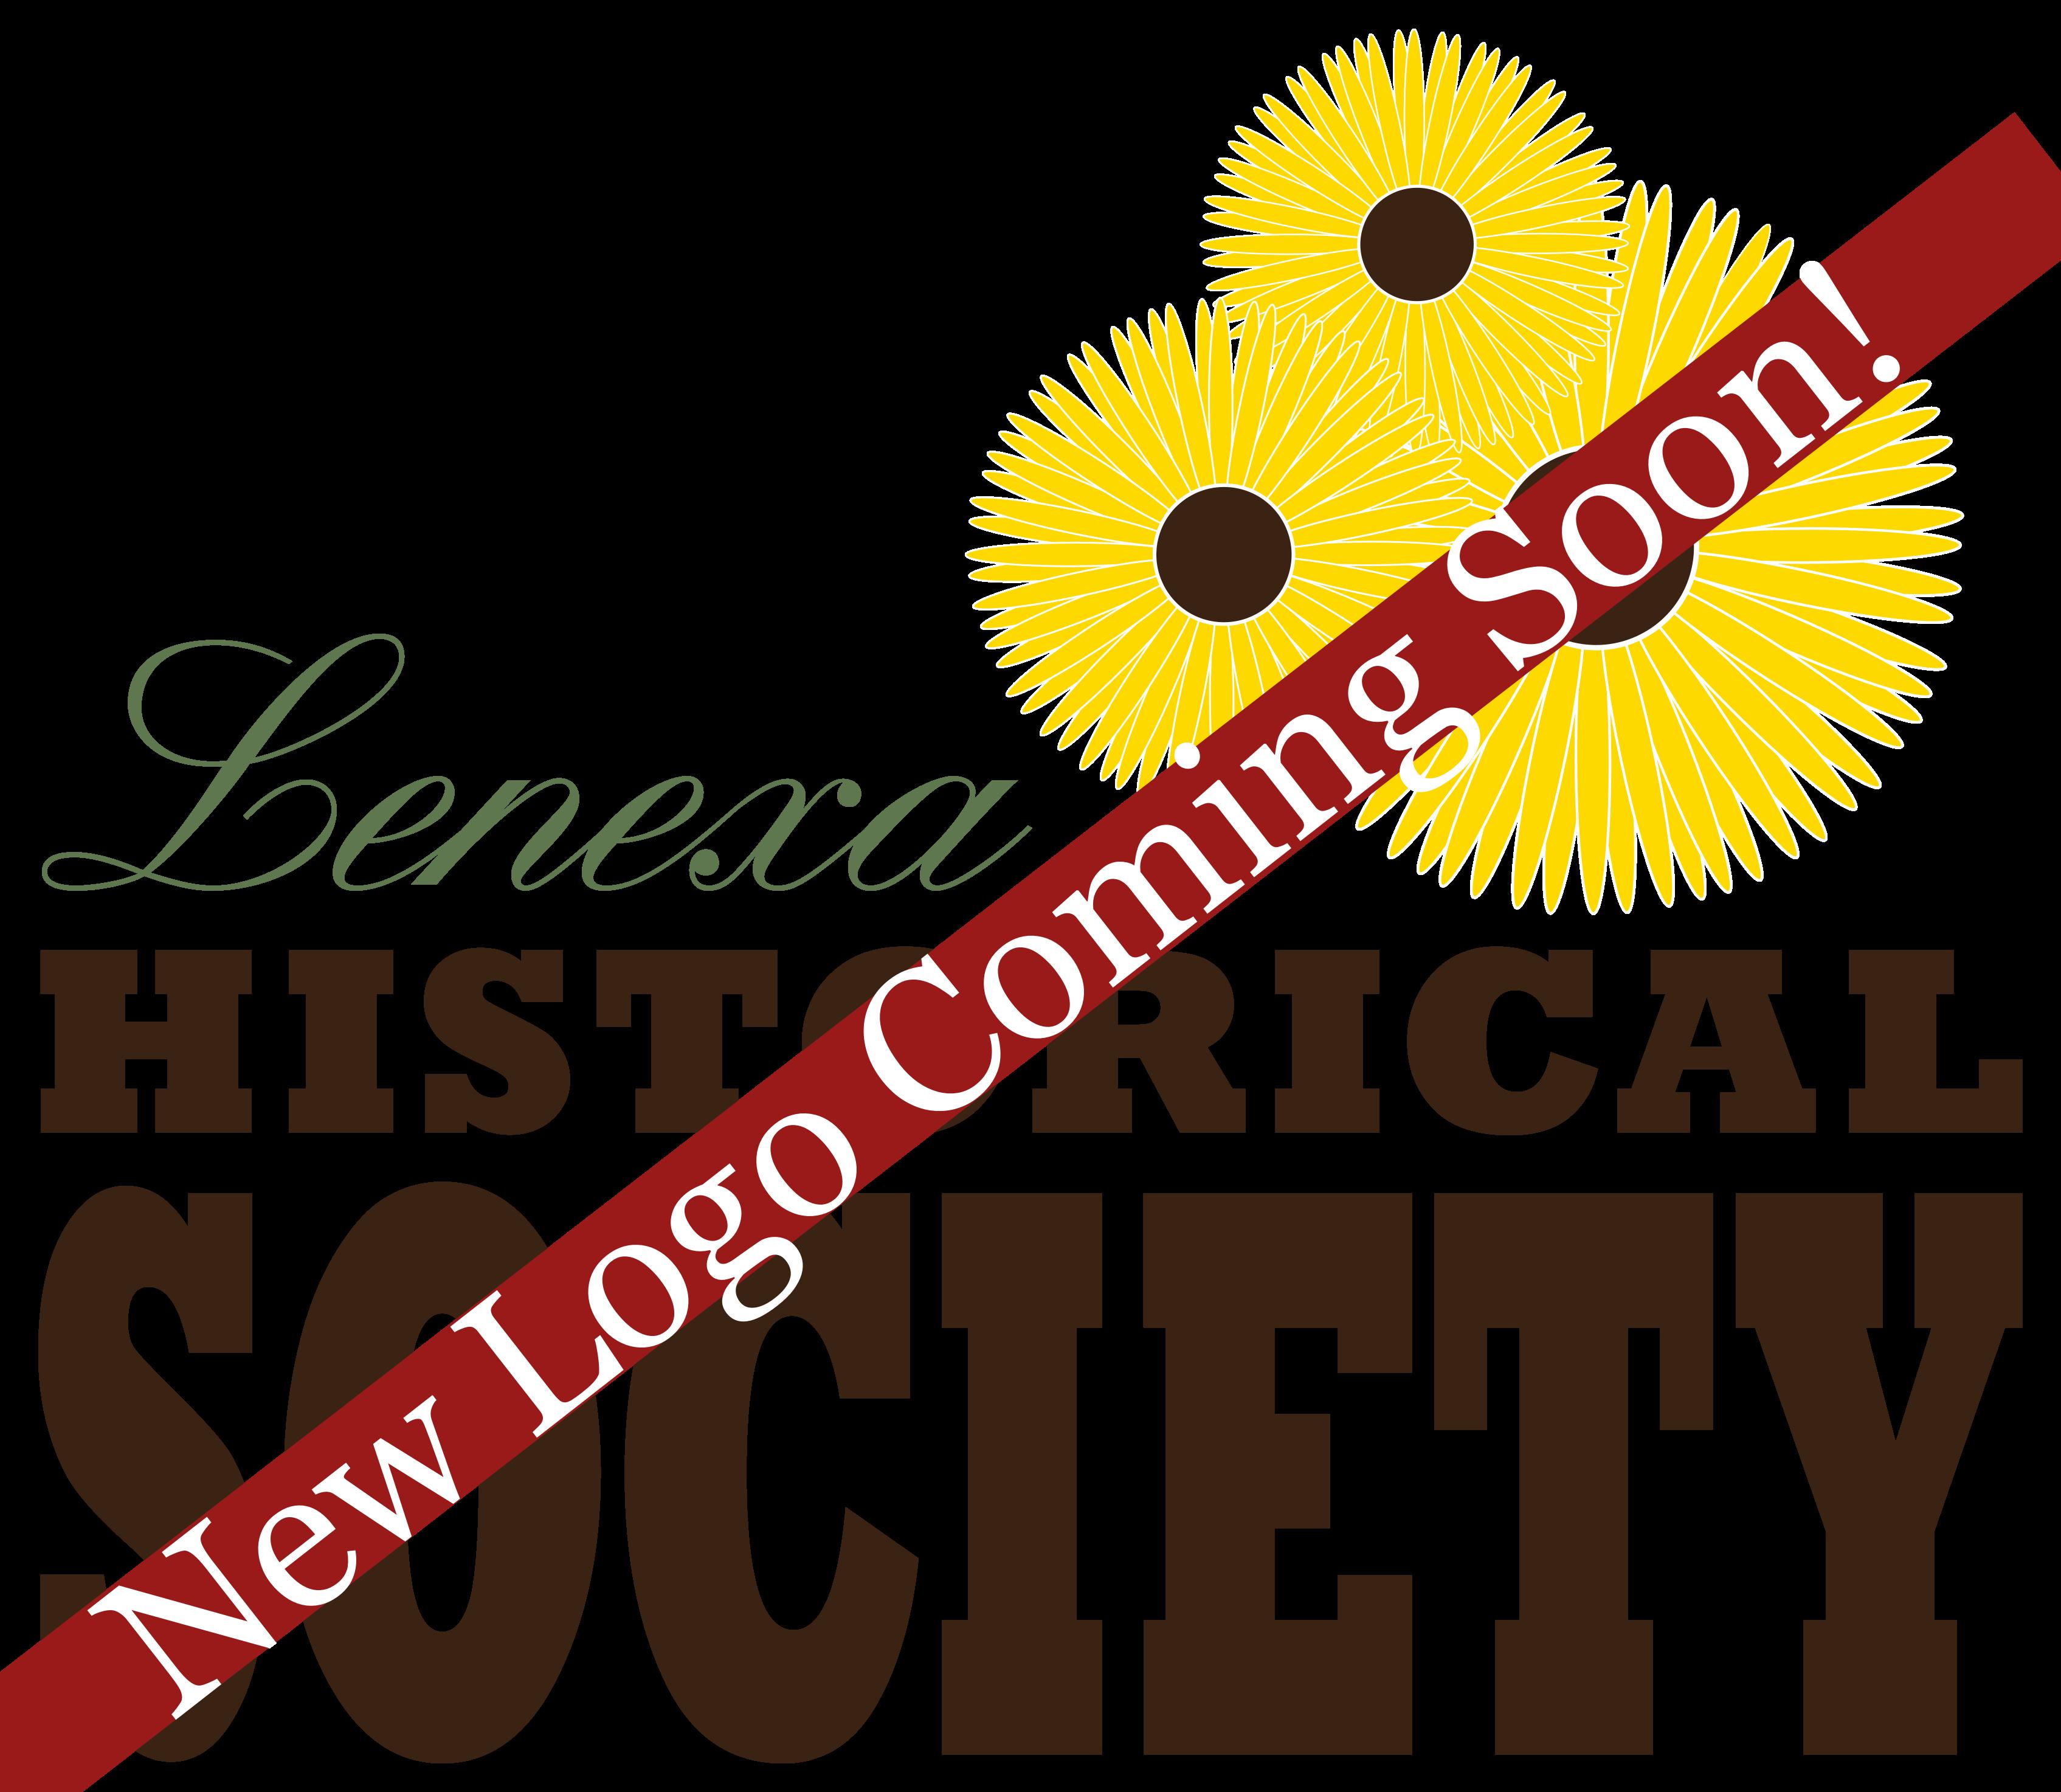 Lenexa Historical Society